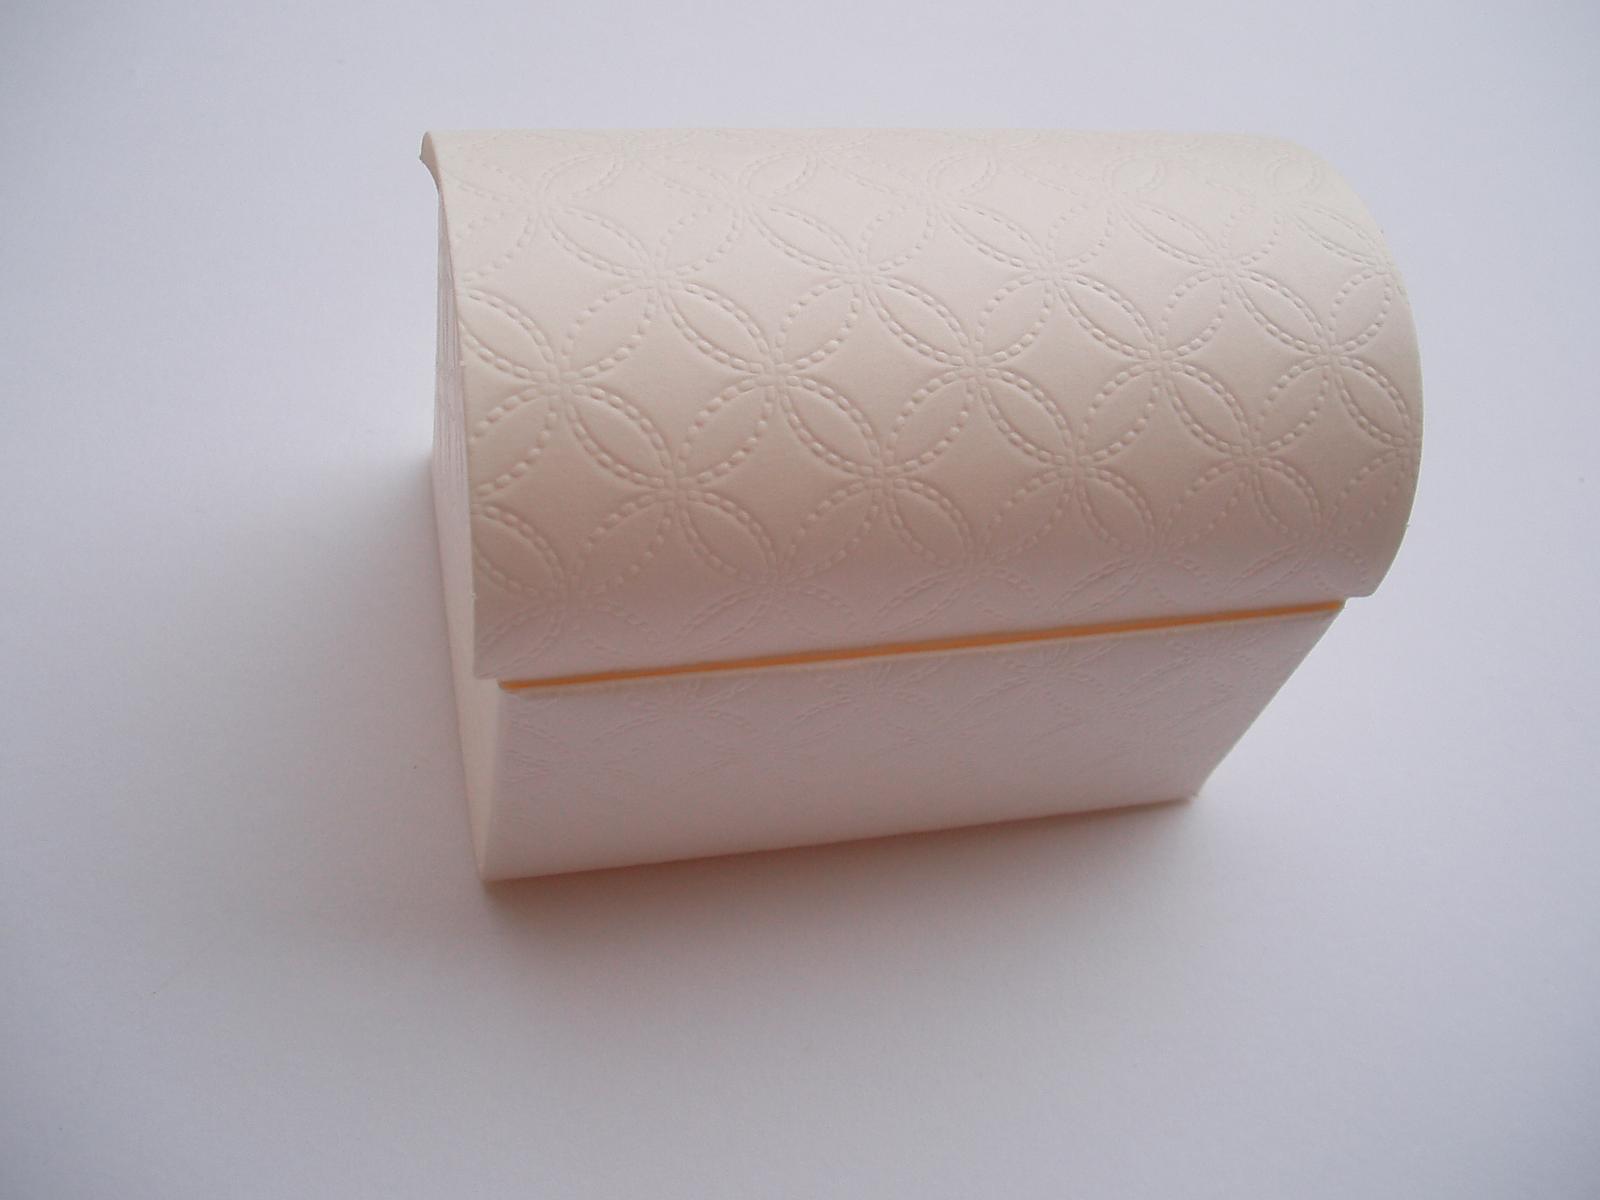 krabička bílá - Obrázek č. 2